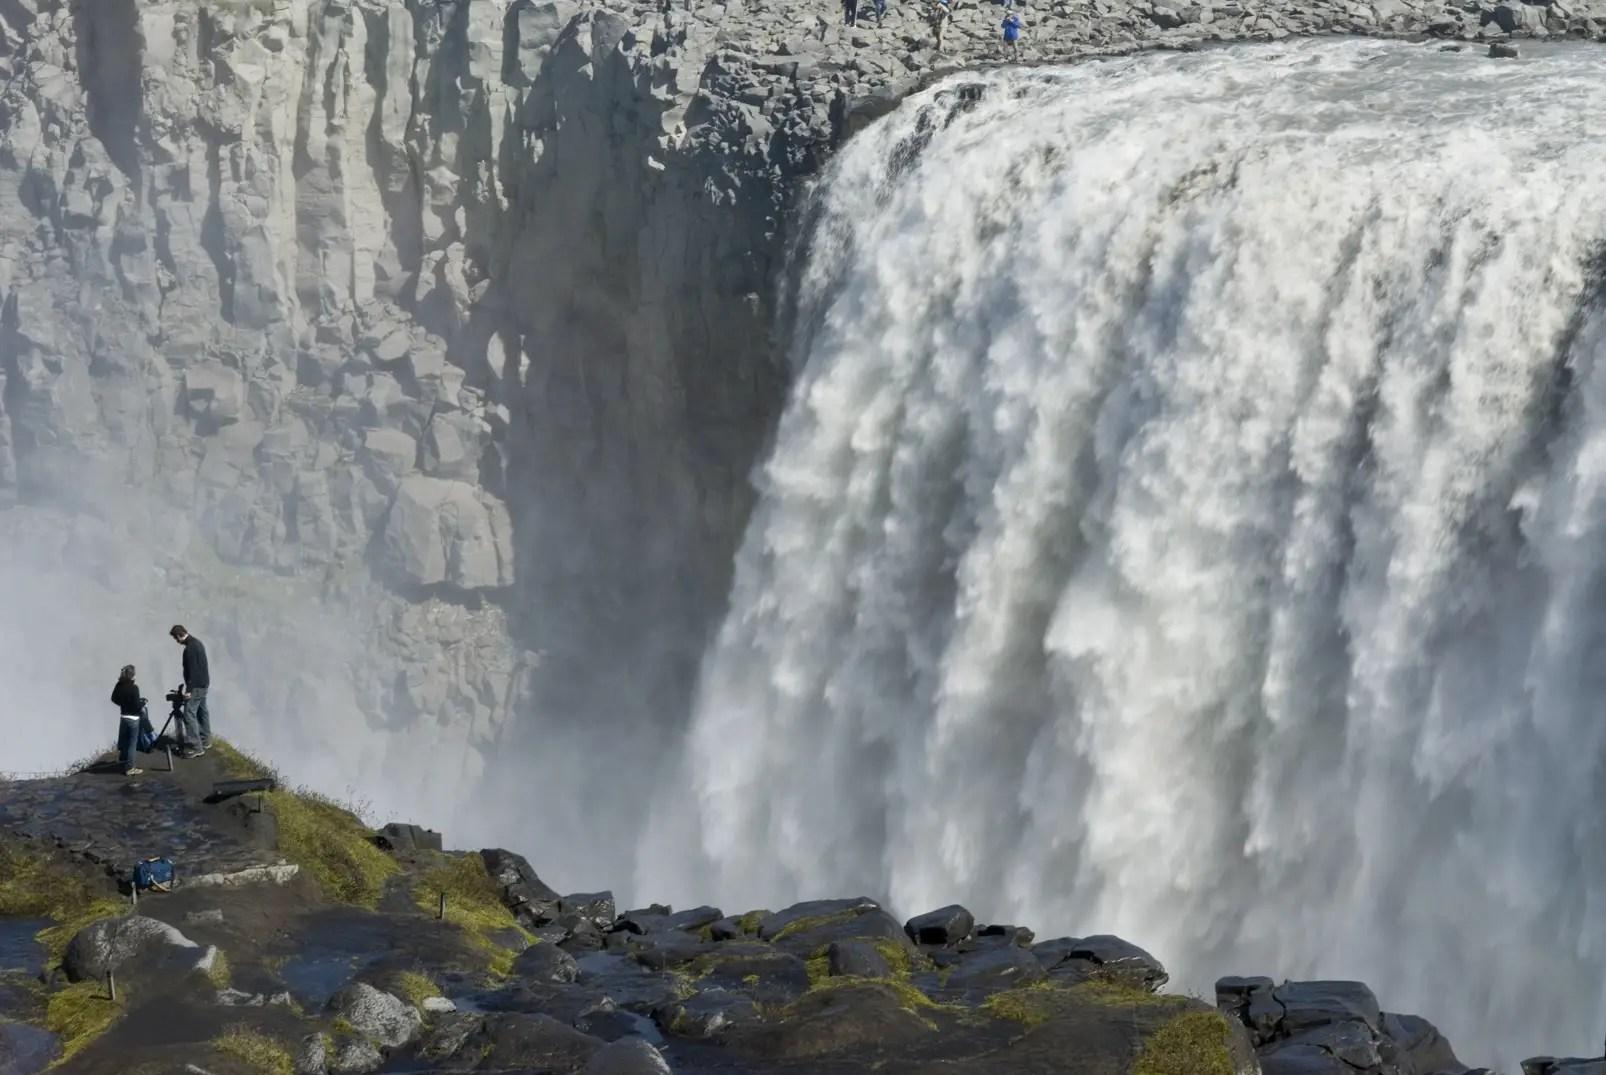 Iguazu Falls Hd Wallpaper Recorriendo Las 10 Cataratas Mas Asombrosas Del Mundo